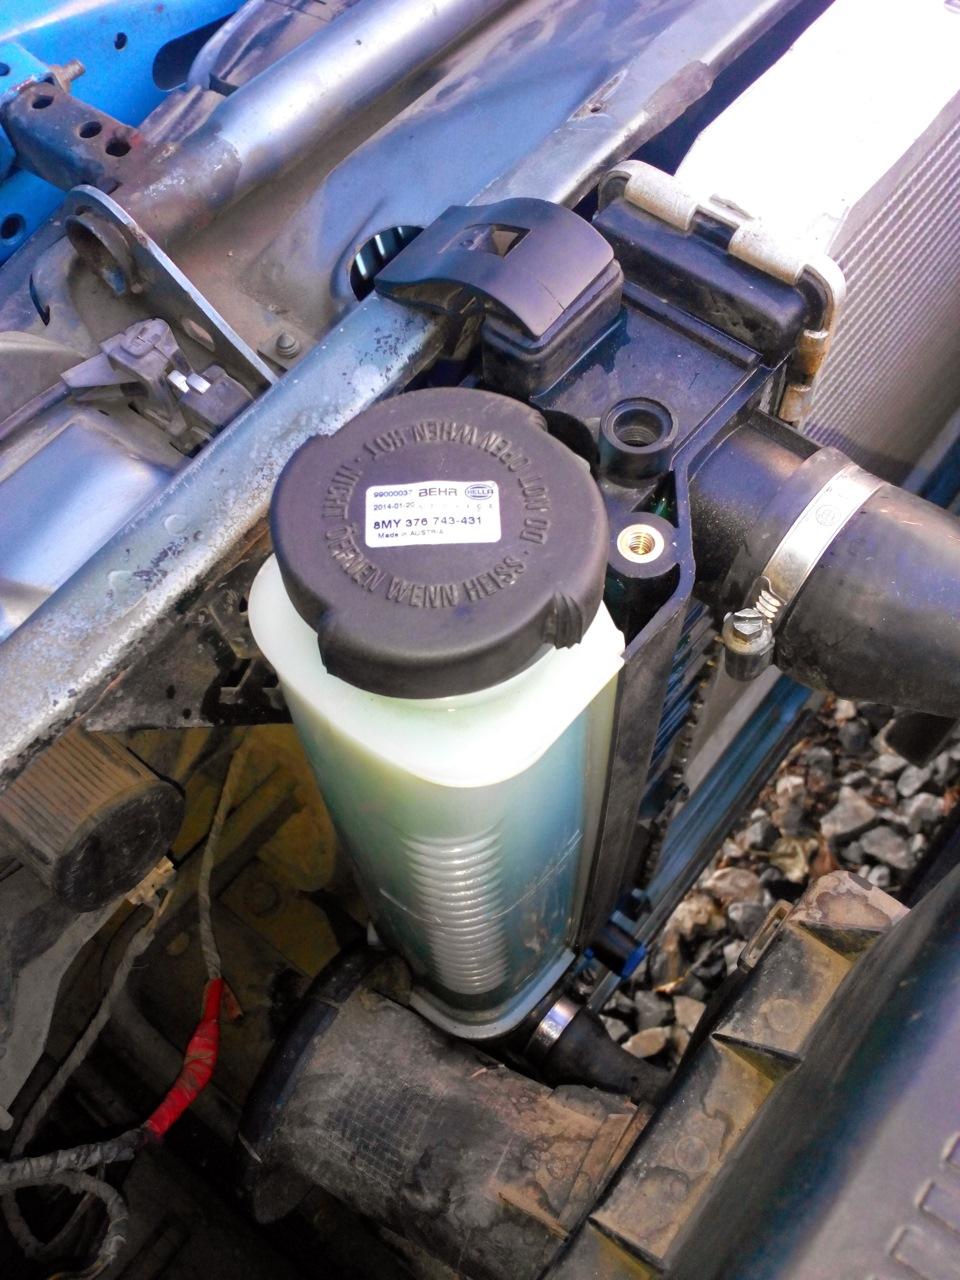 почему без термостата машина сиравно закипает бмв м62